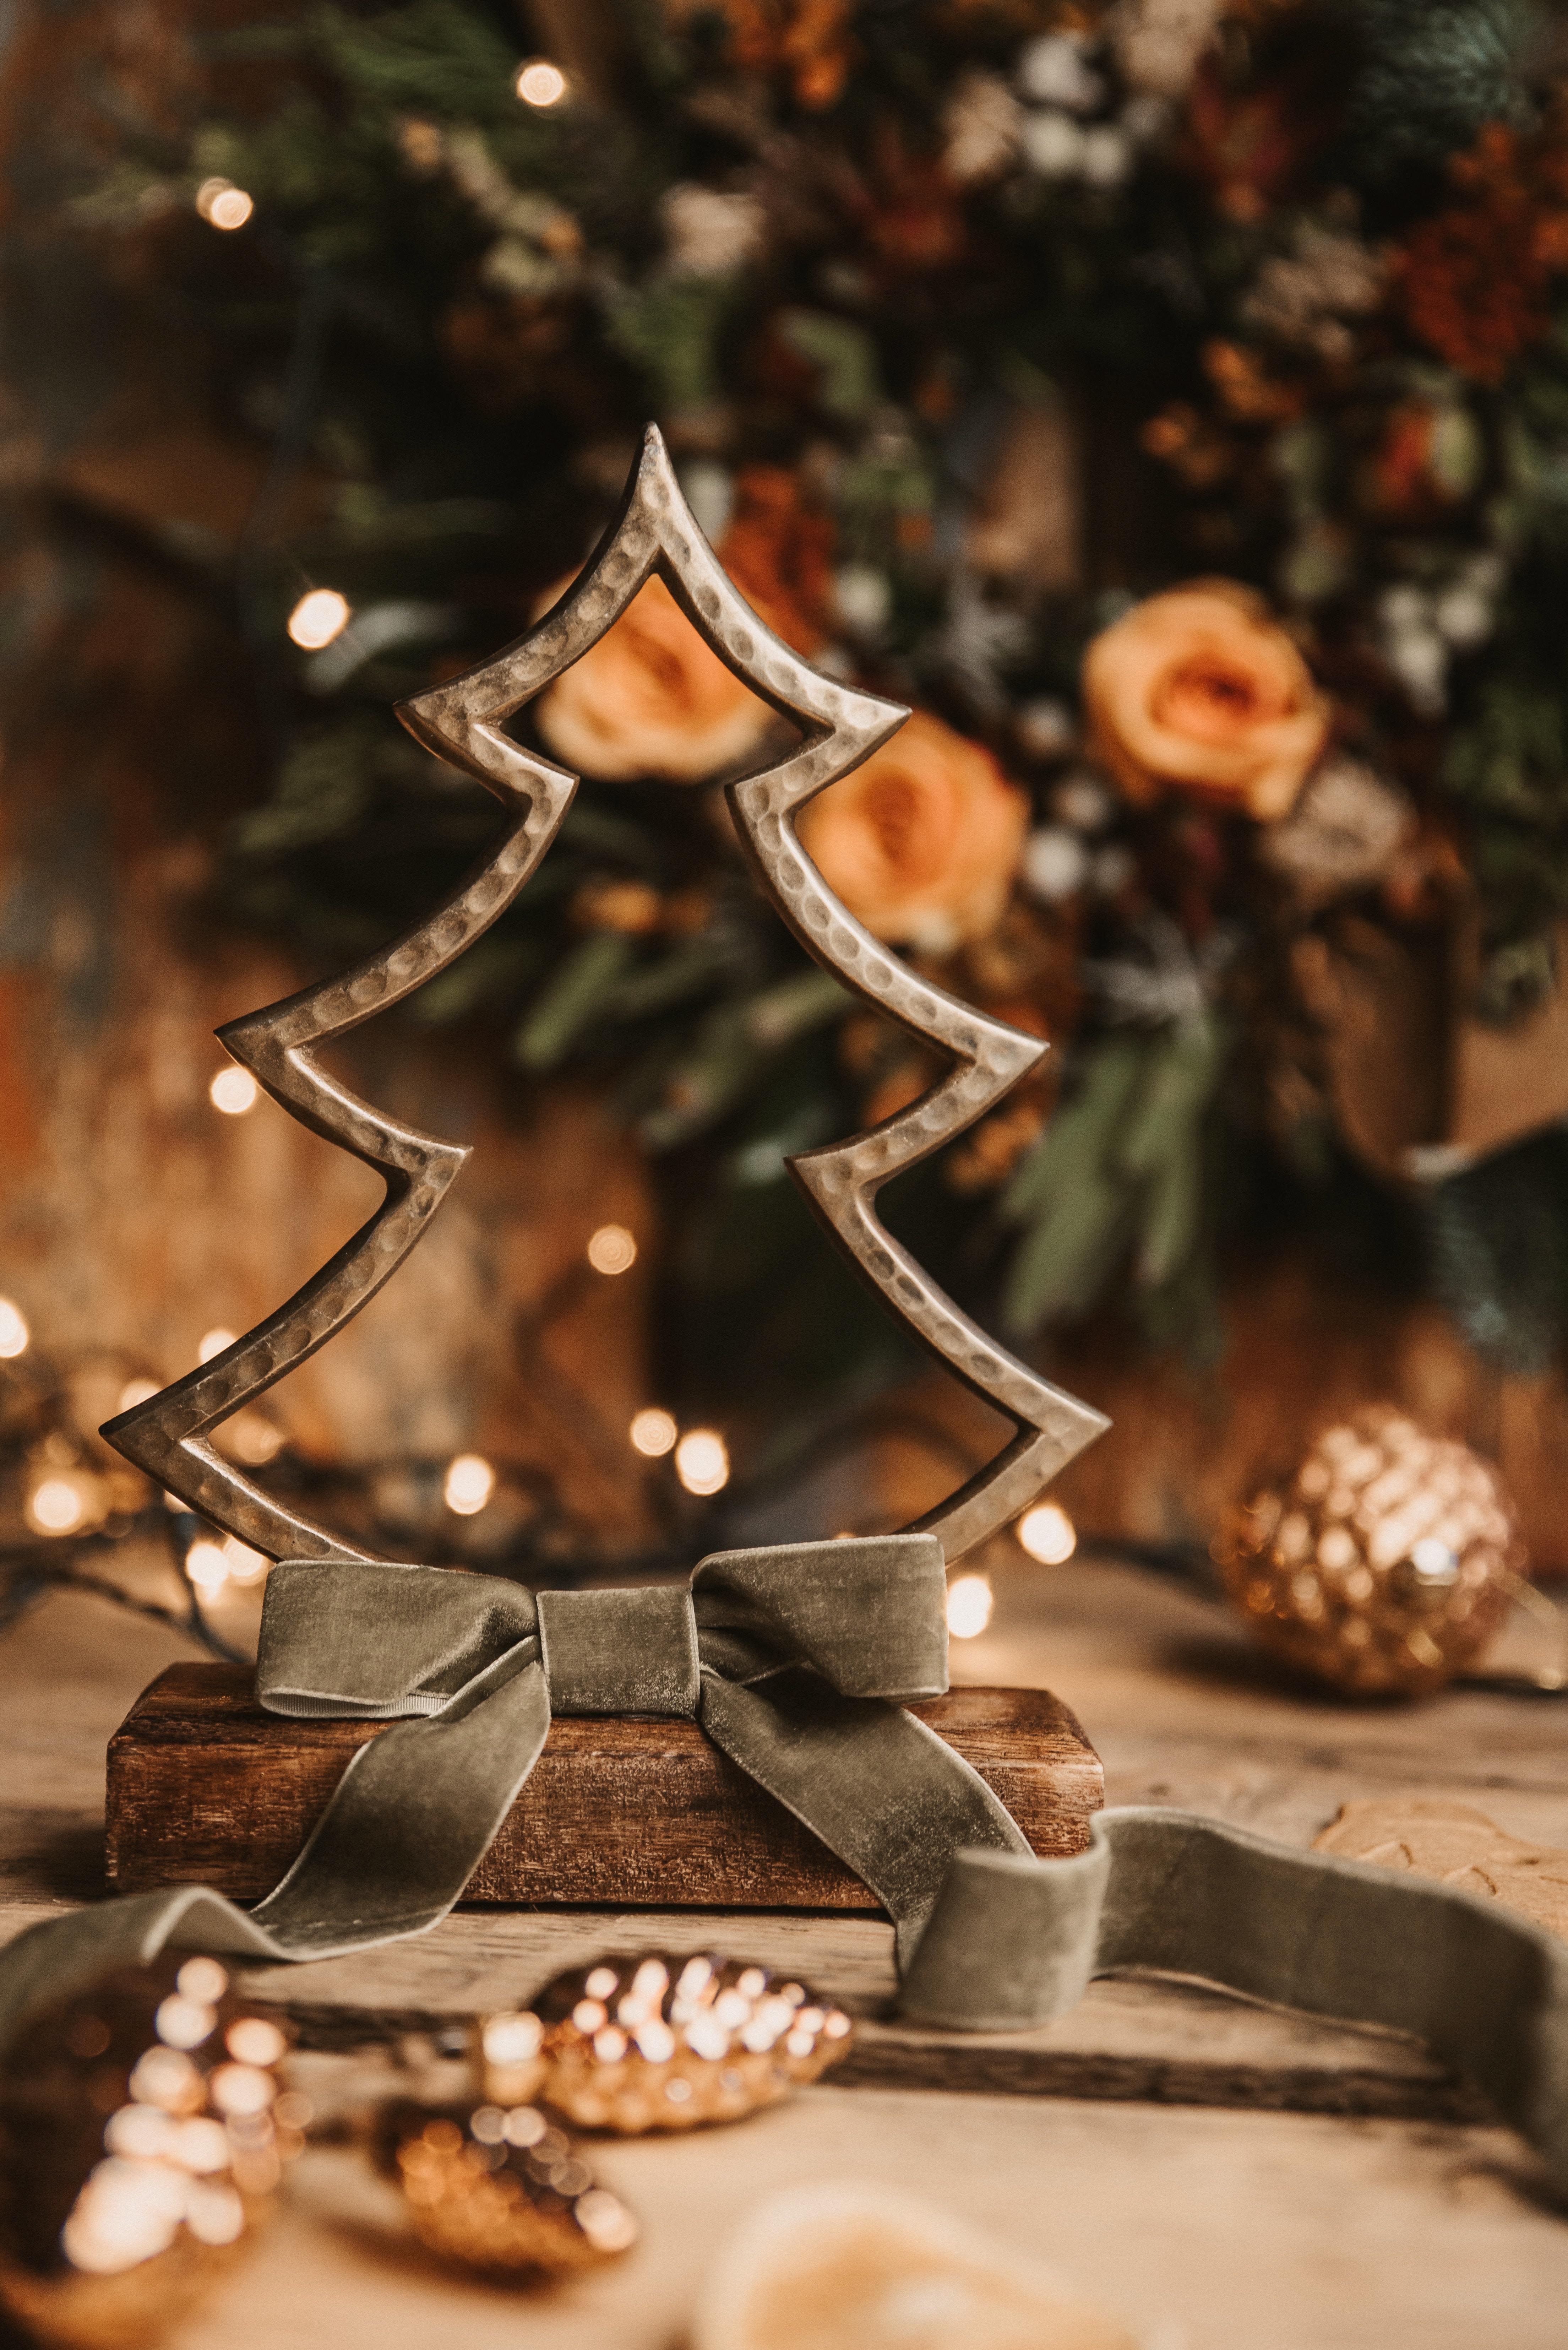 130537 скачать обои Праздники, Елка, Украшение, Шишки, Новый Год, Рождество - заставки и картинки бесплатно